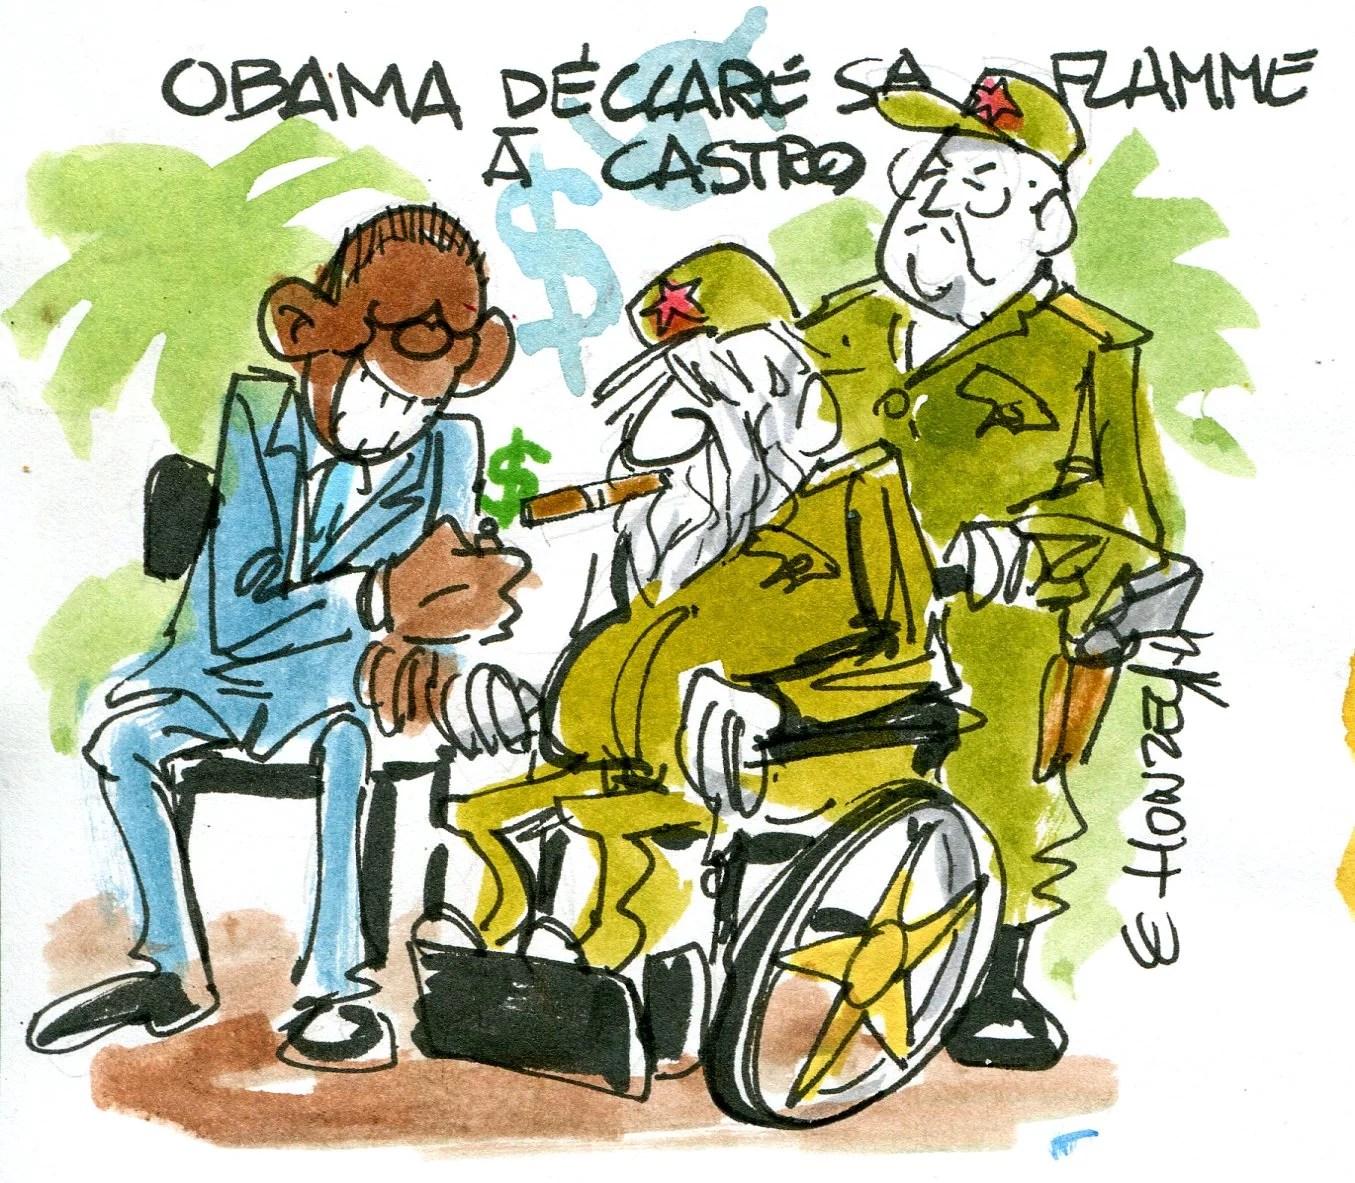 Obama et Cuba (Crédits : René Le Honzec/Contrepoints.org, licence Creative Commons)